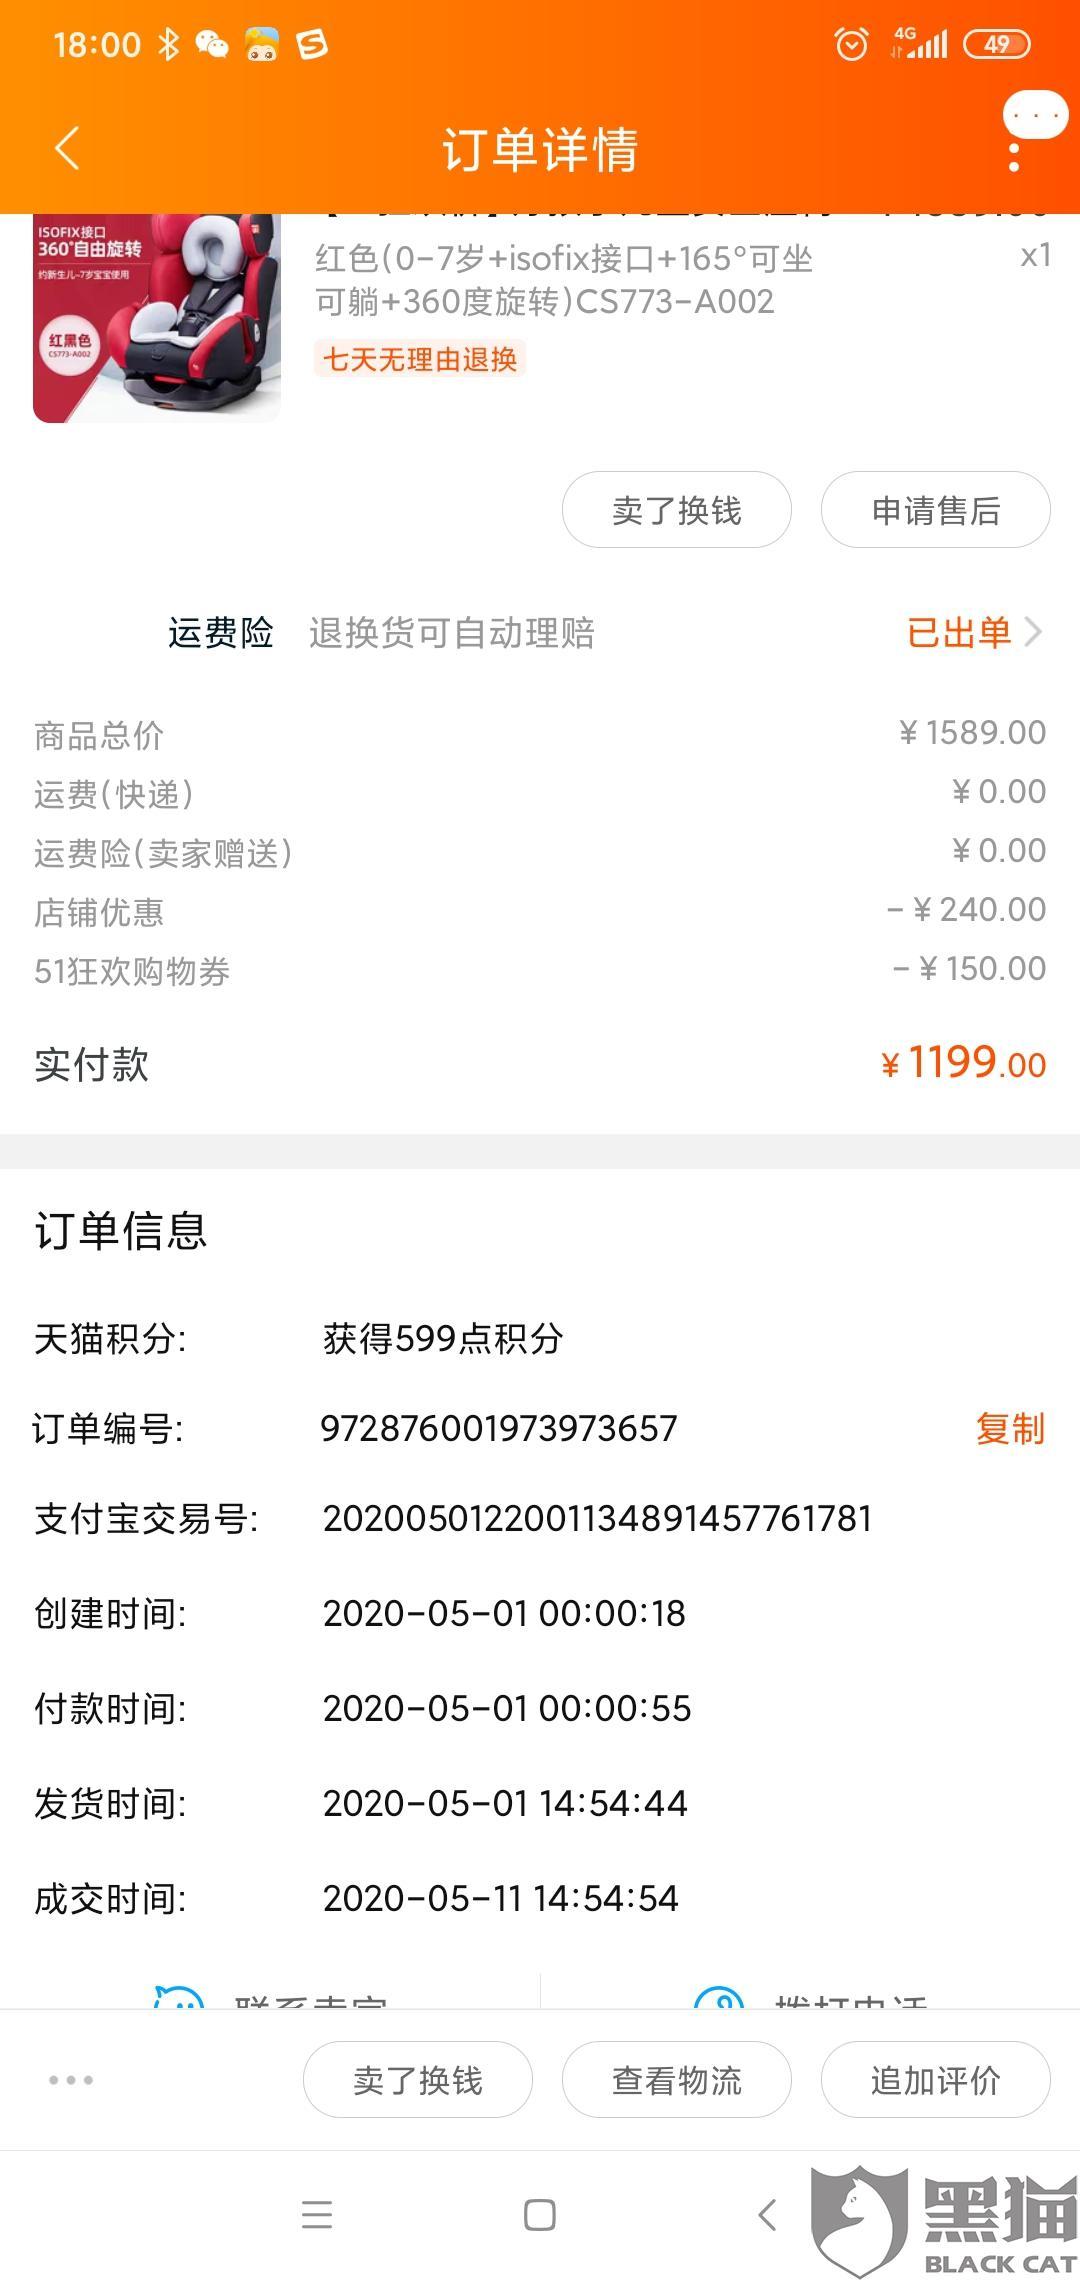 黑猫投诉:淘宝网店(好孩子乐适专卖店)虚假宣传